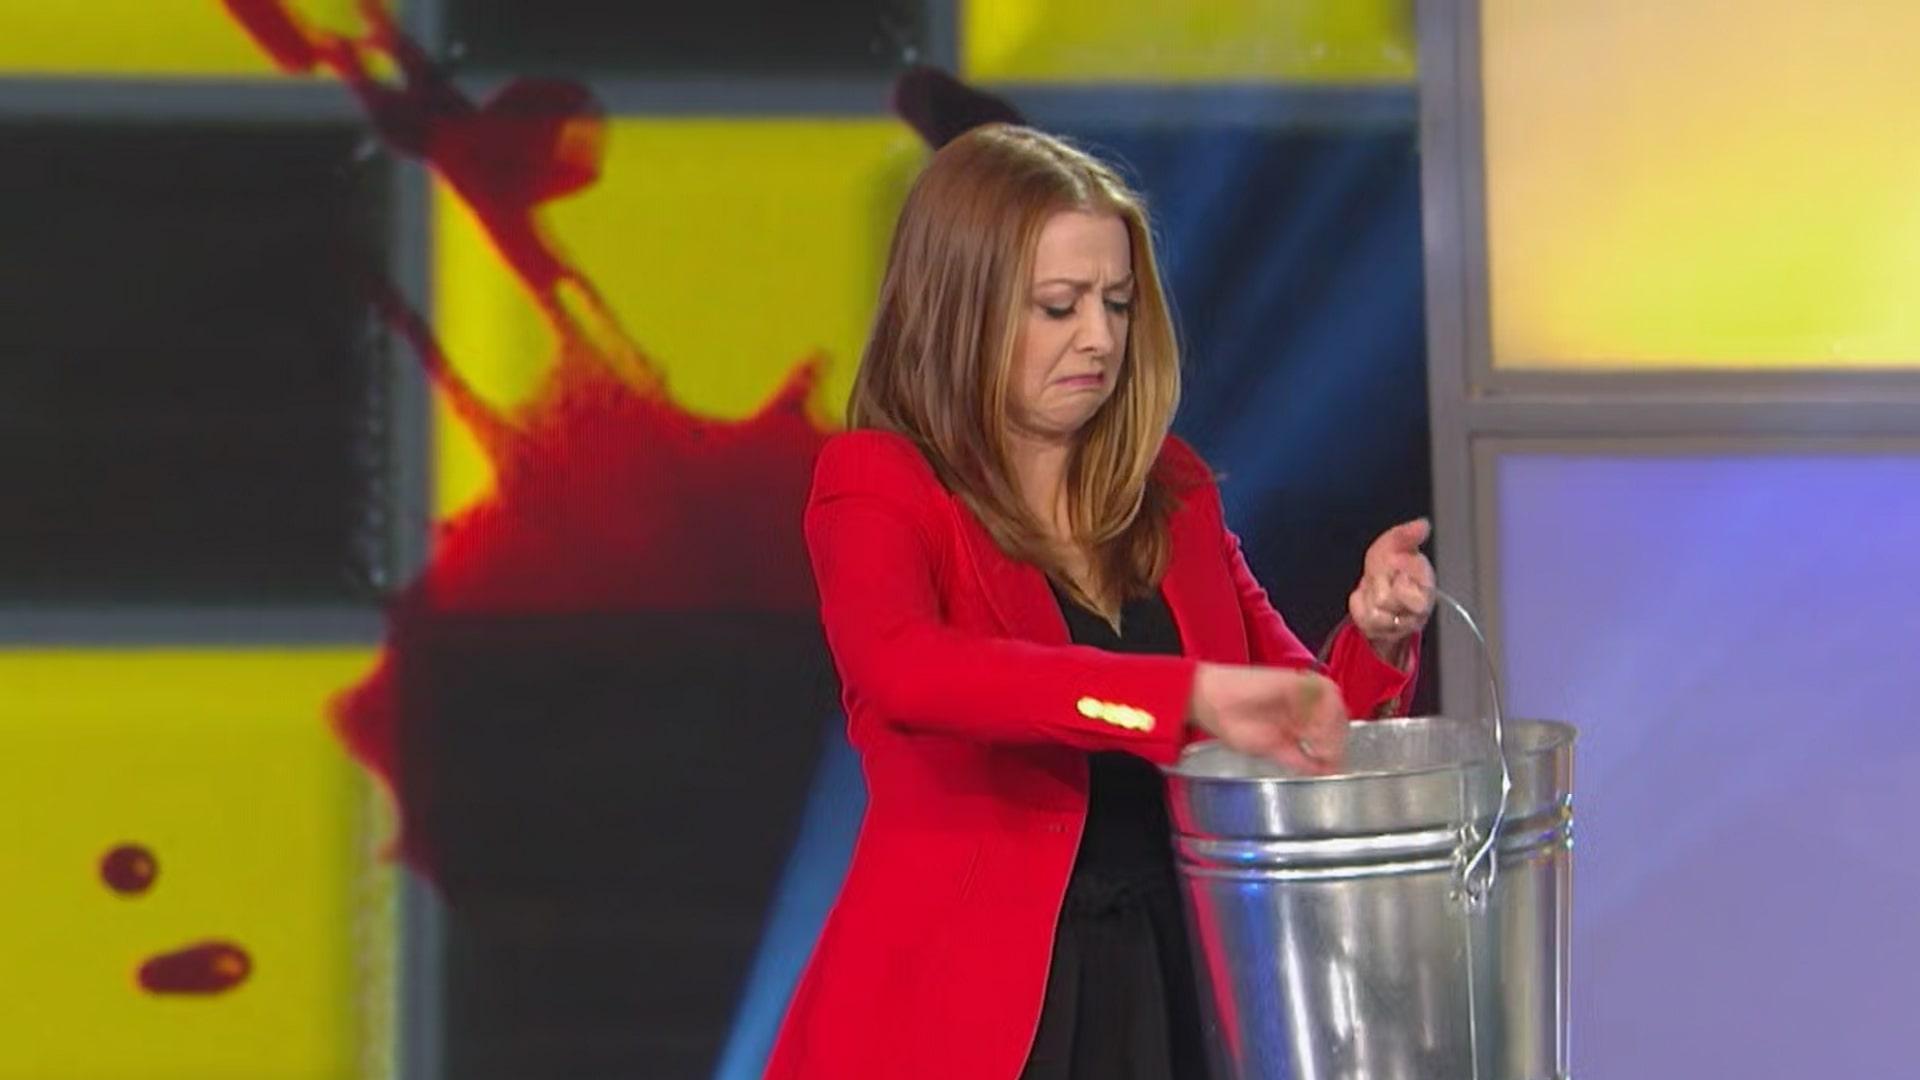 Penn Teller Fool Us Season 6 Episode 2 Watch